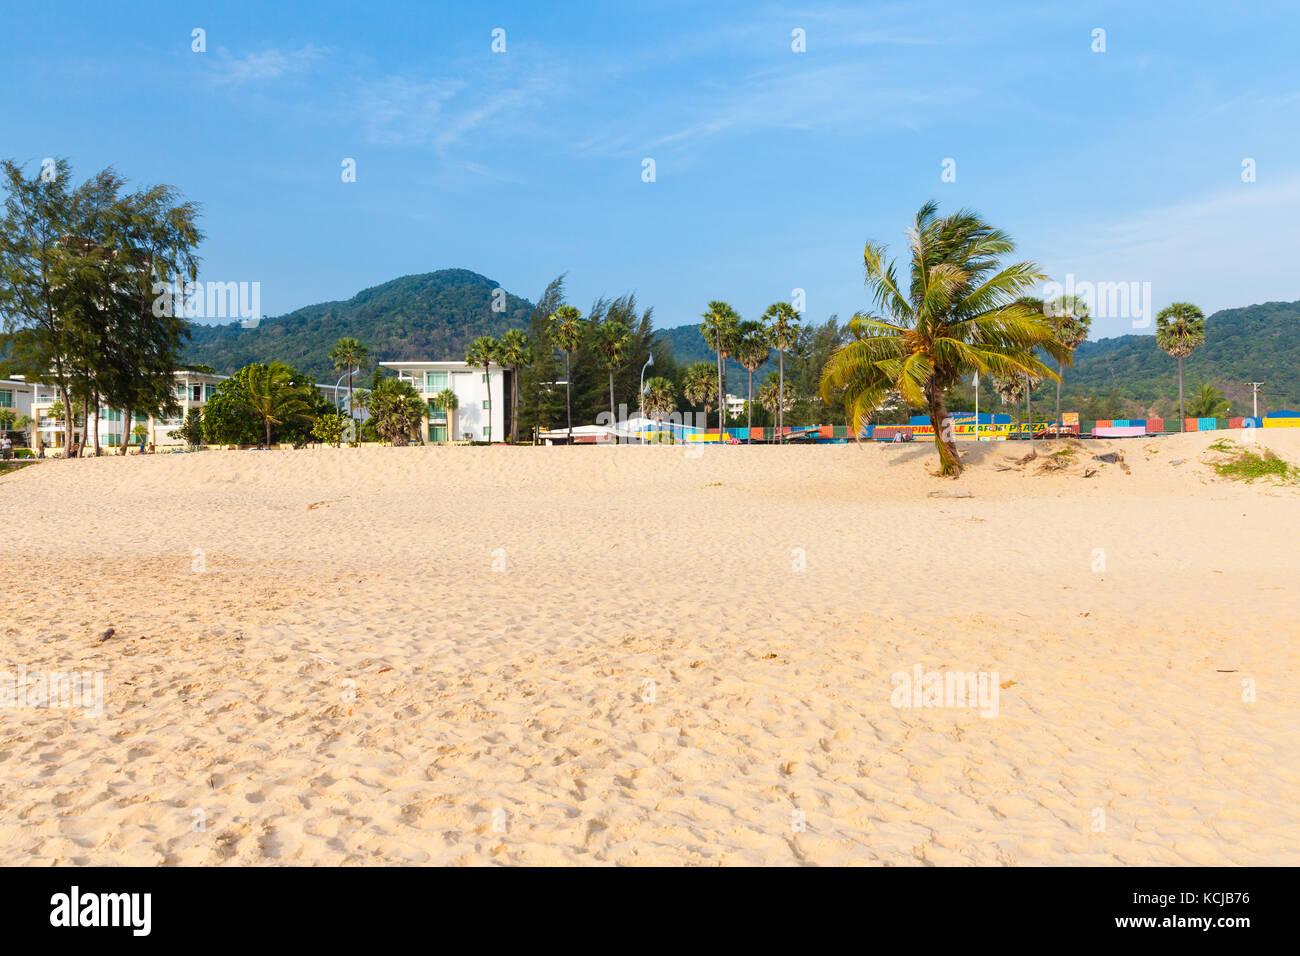 Phuket, Thailand - April 17, 2016: Daytime view of the Karon Beach on April 17, 2016 in Phuket, Thailand Stock Photo